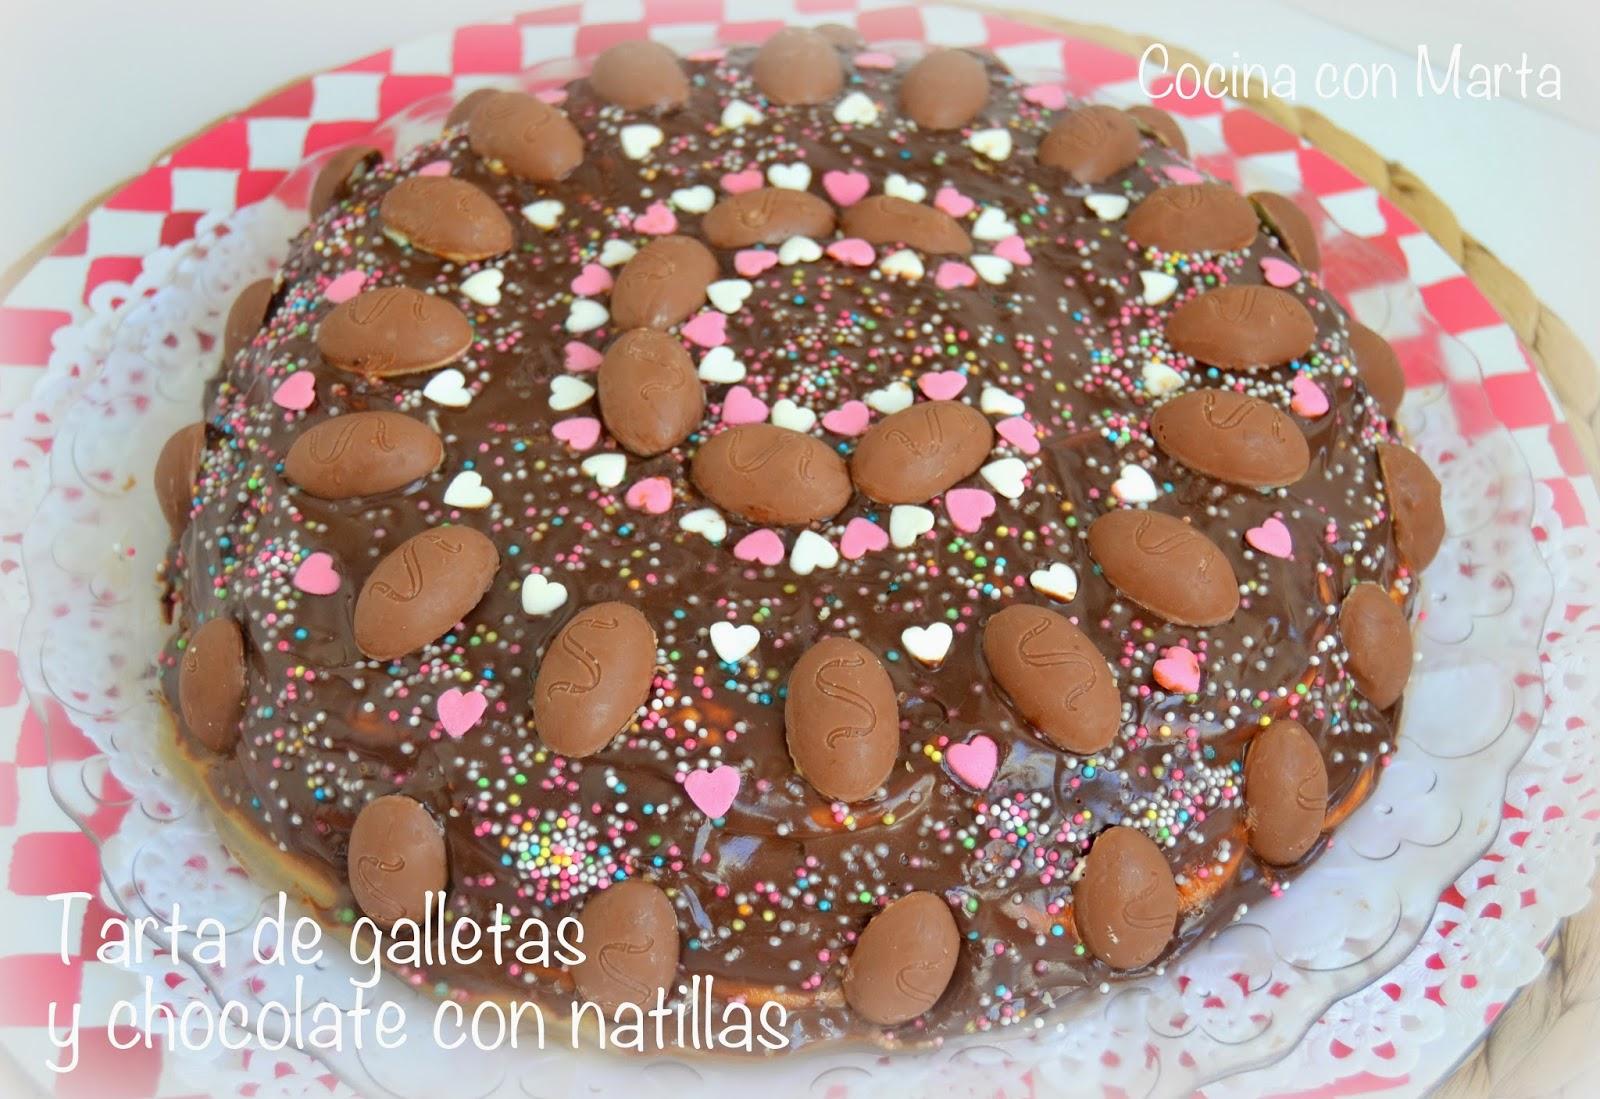 Tarta de galletas y chocolate con natillas. Casera, rápida, fácil. Recetas para niños y fiestas de cumpleaños.